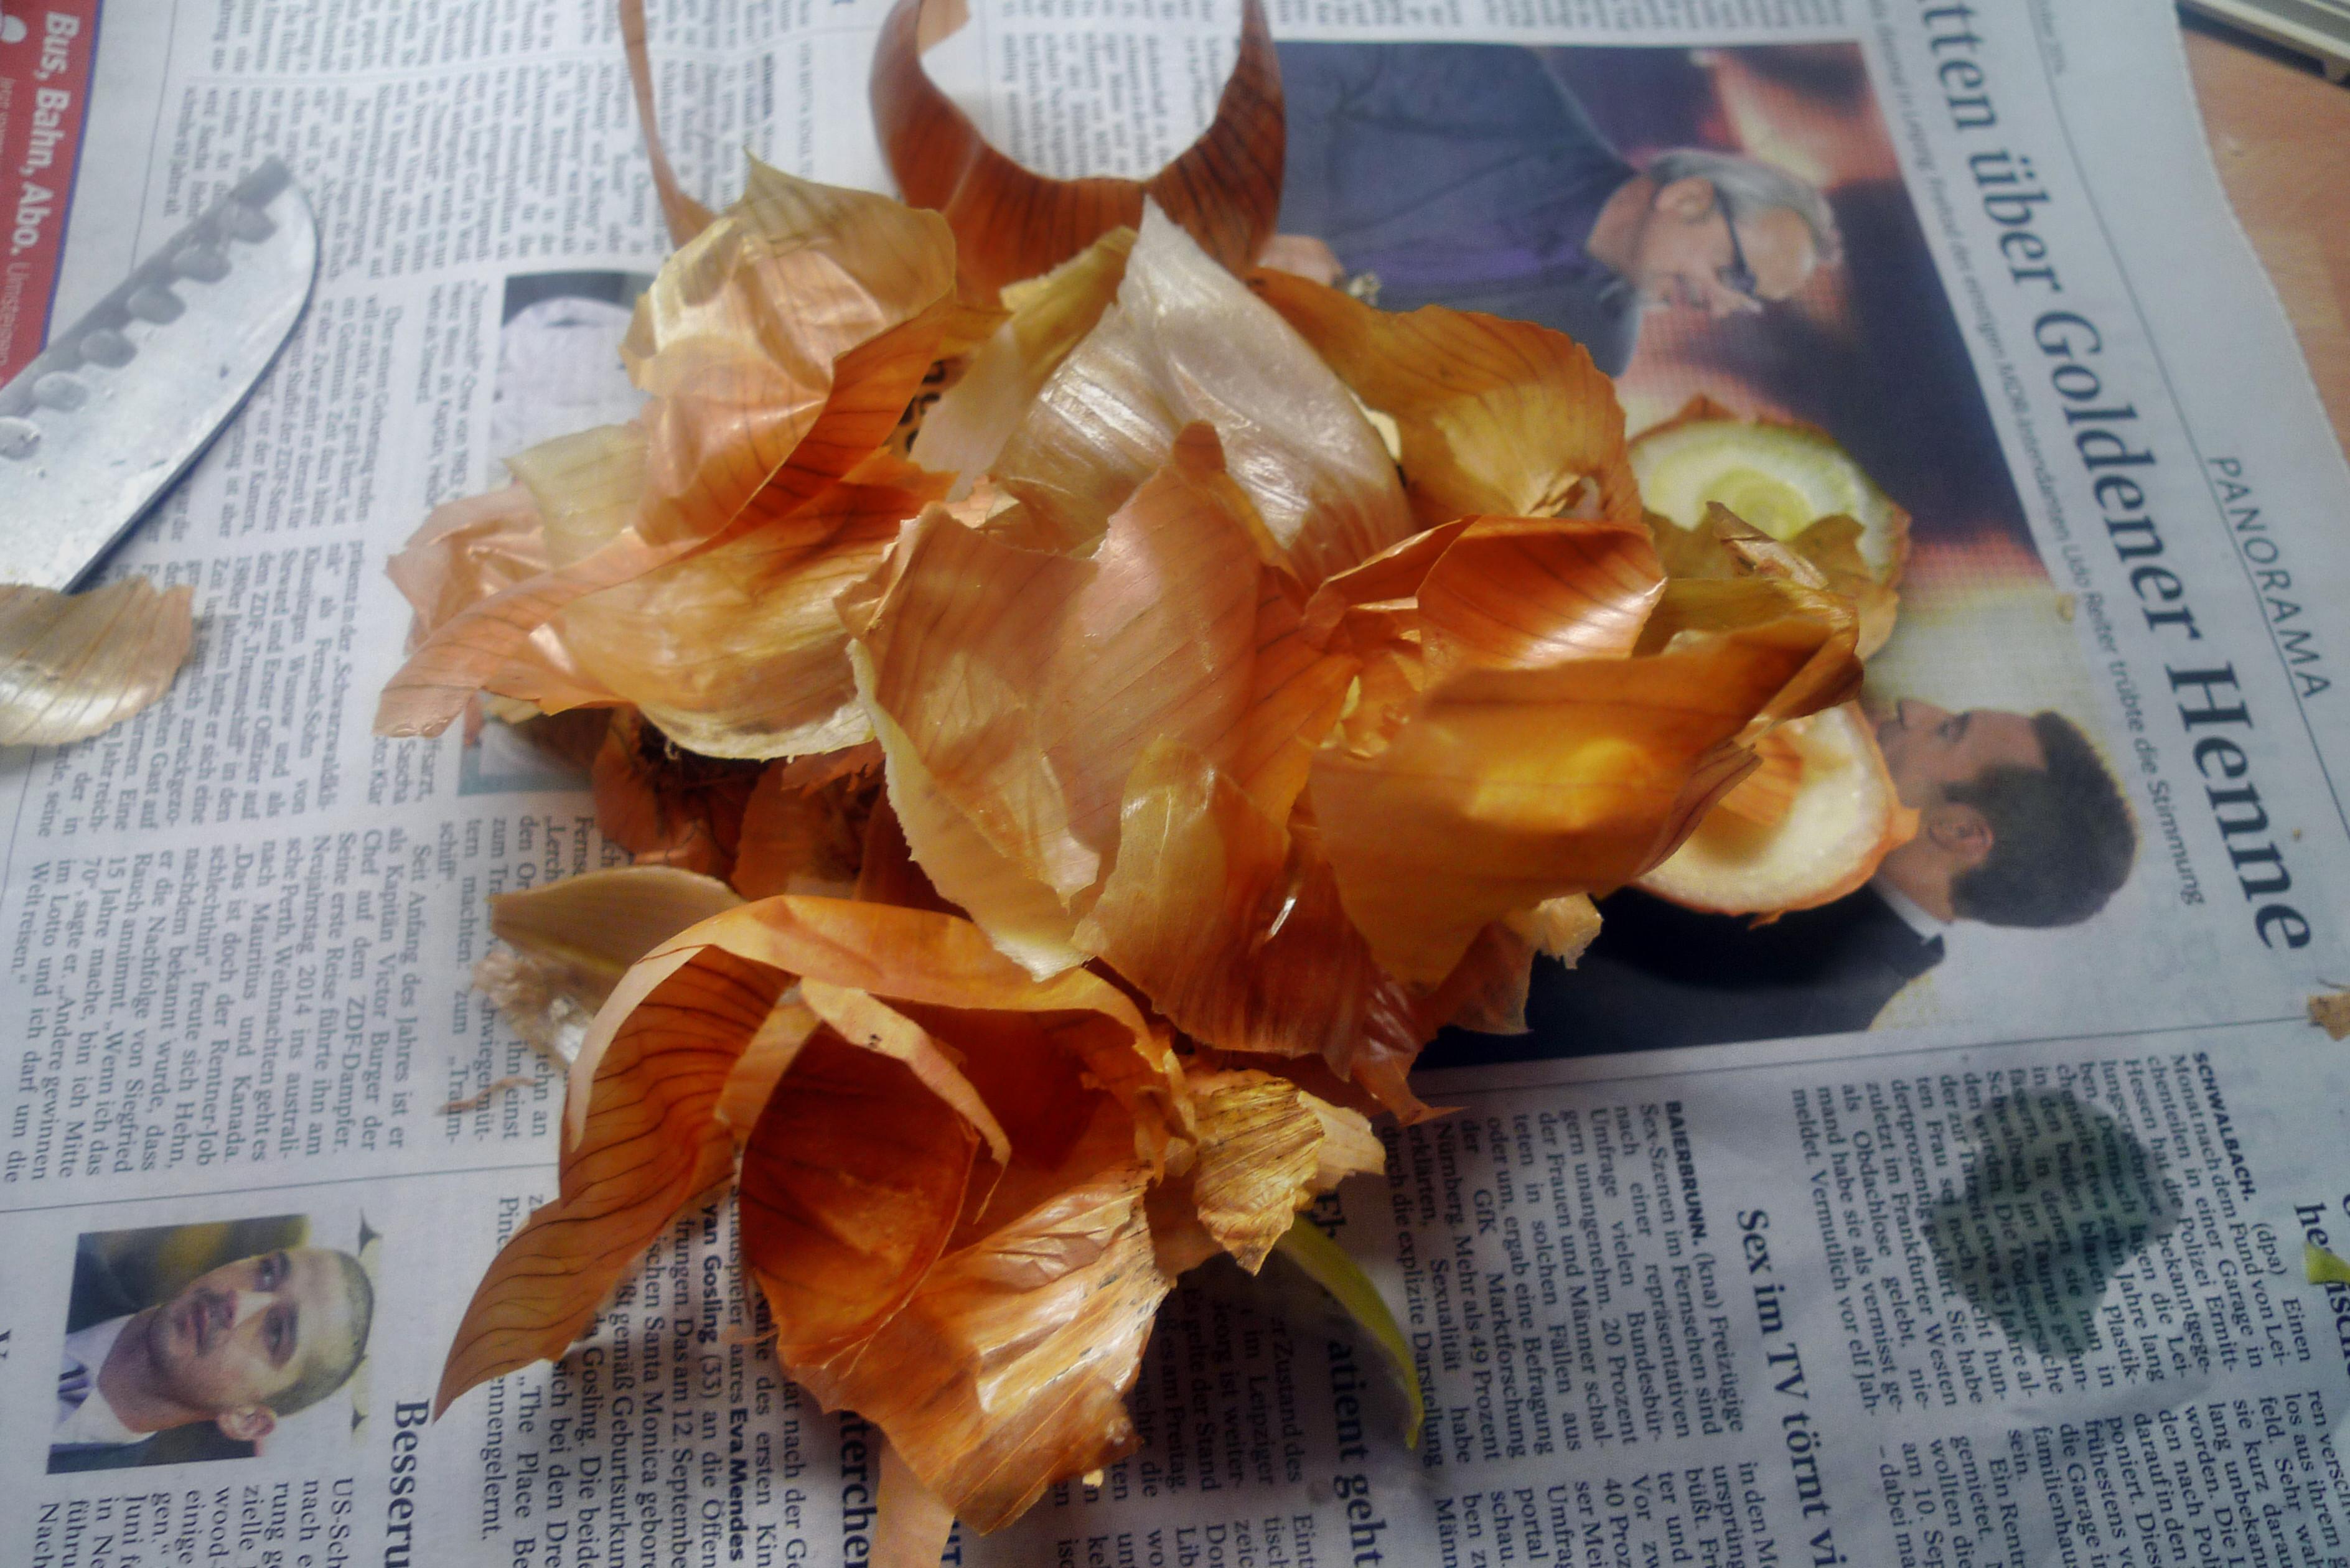 Zwiebelsoße,Kartoffelbrei,Krautsalat,Birnenkompott - 11.10.14   (5)